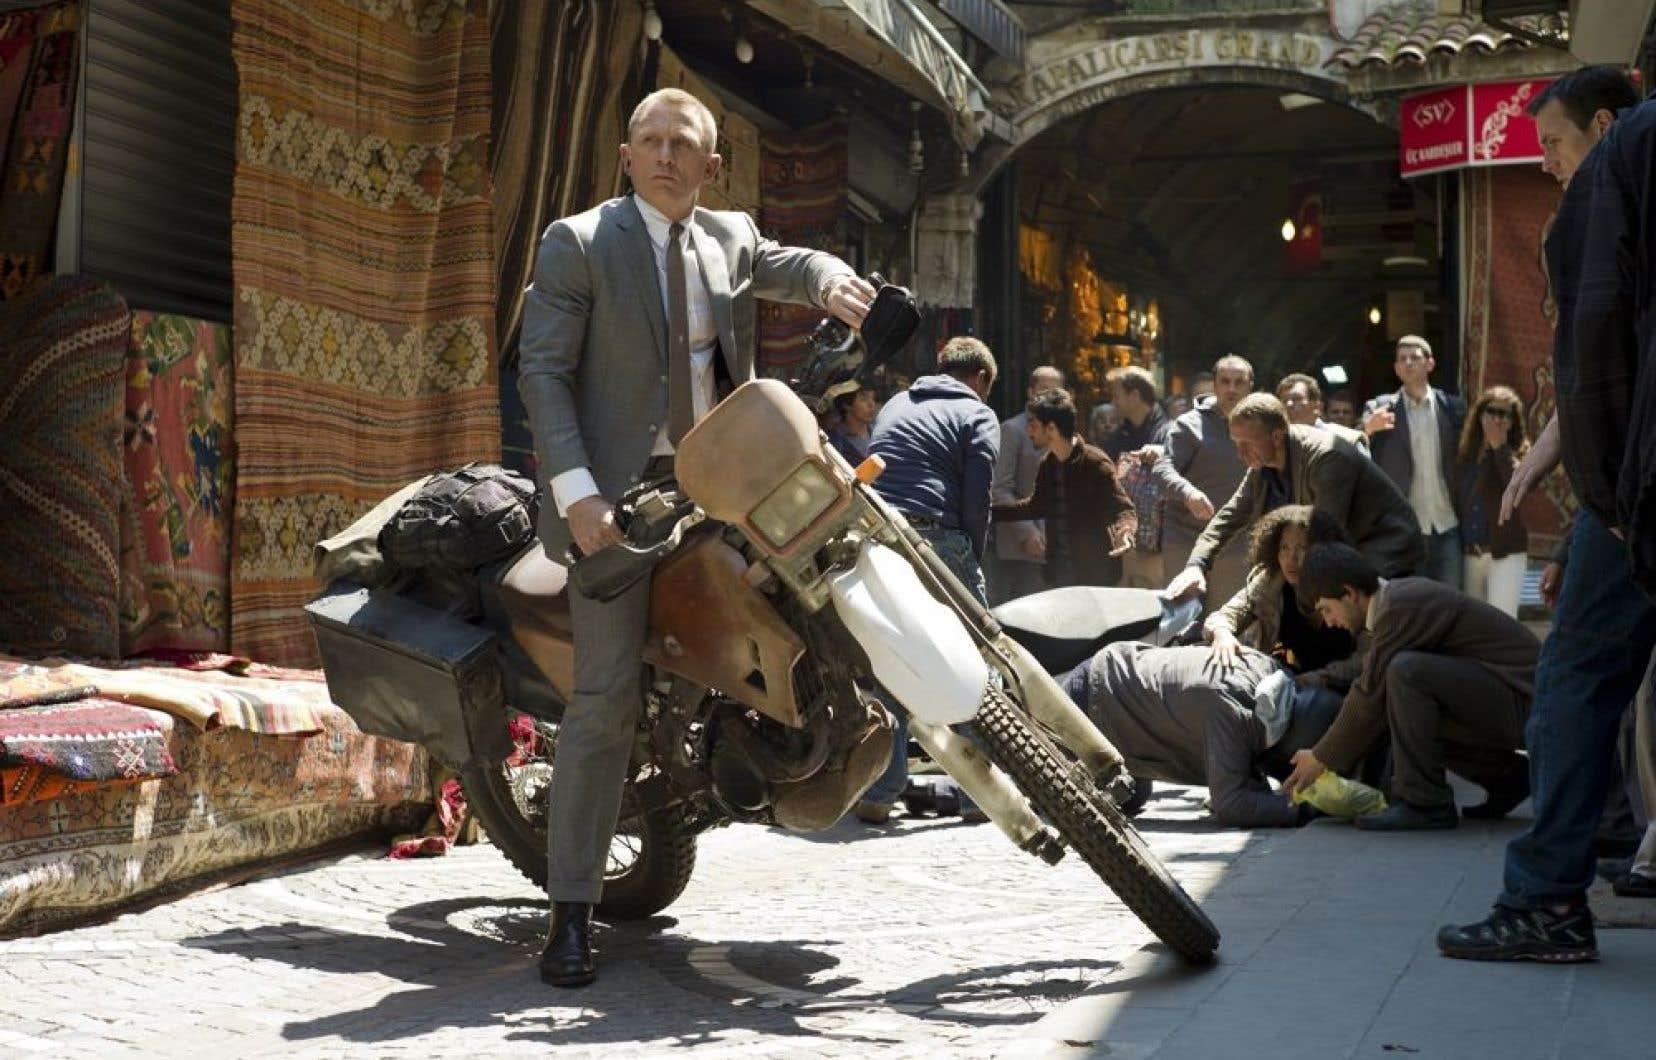 Le meilleur blockbuster: Skyfall, le dernier James Bond